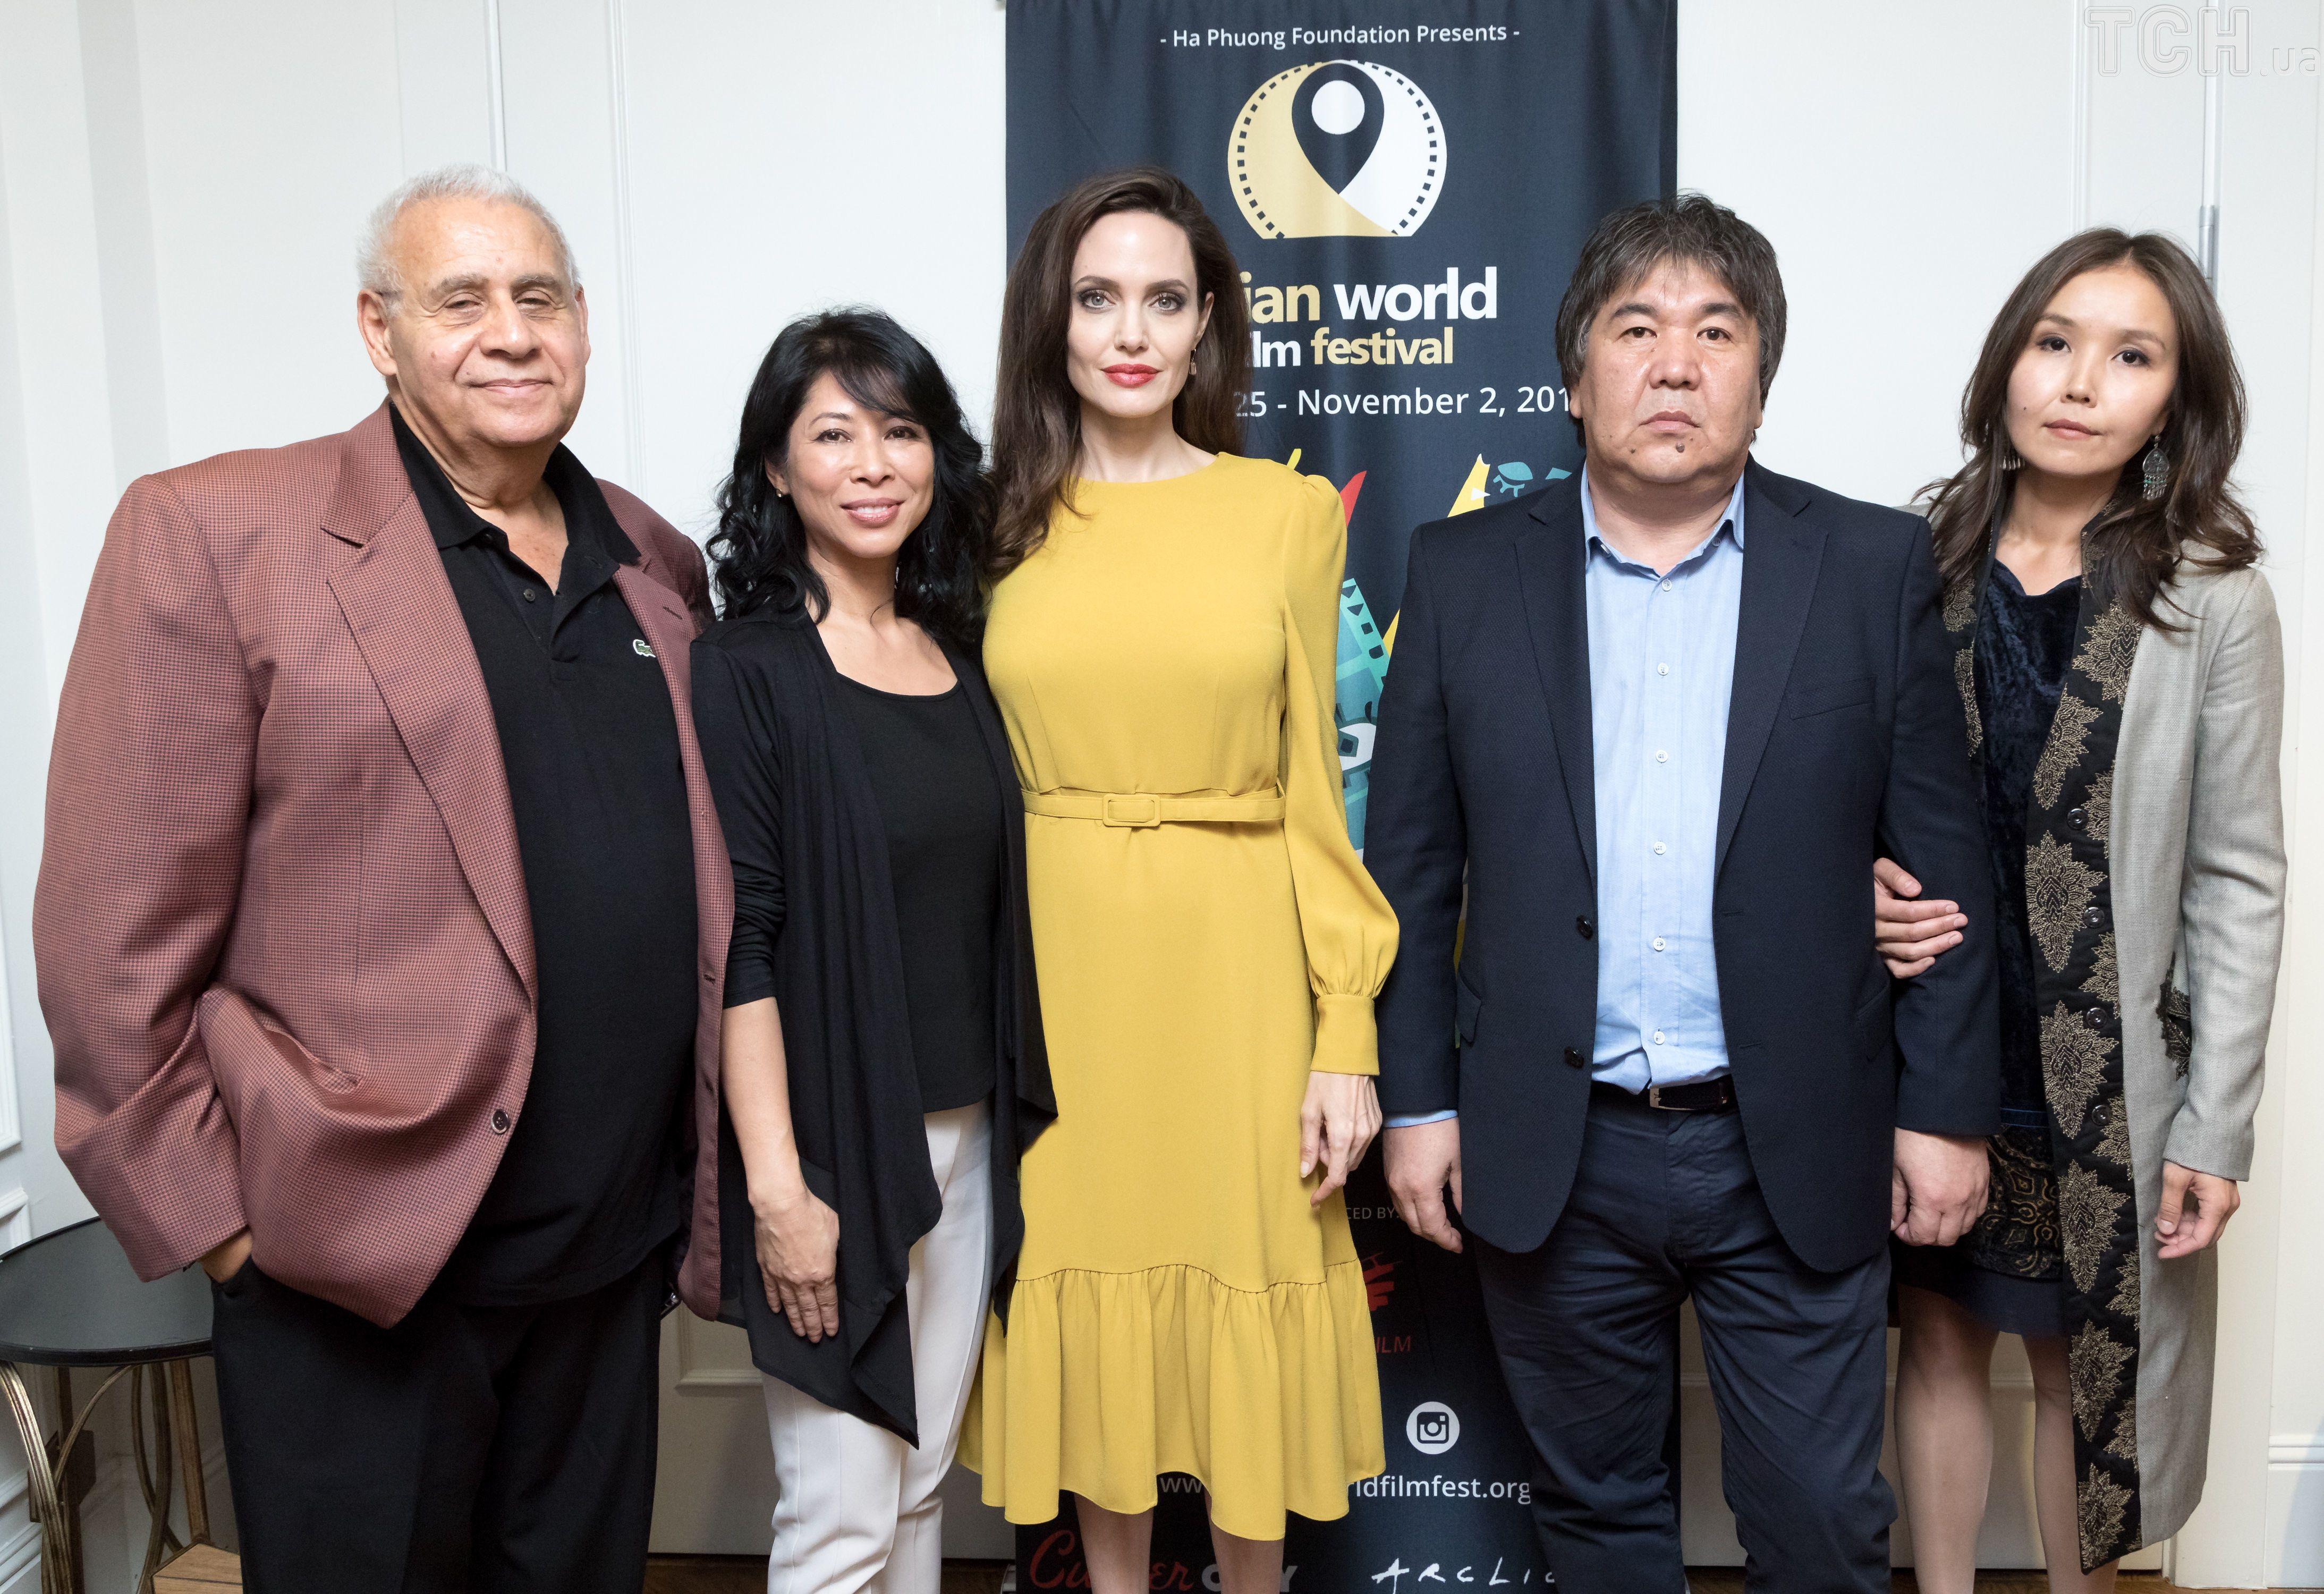 Анджеліна Джолі на кінофестивалі азіатського кіно _1